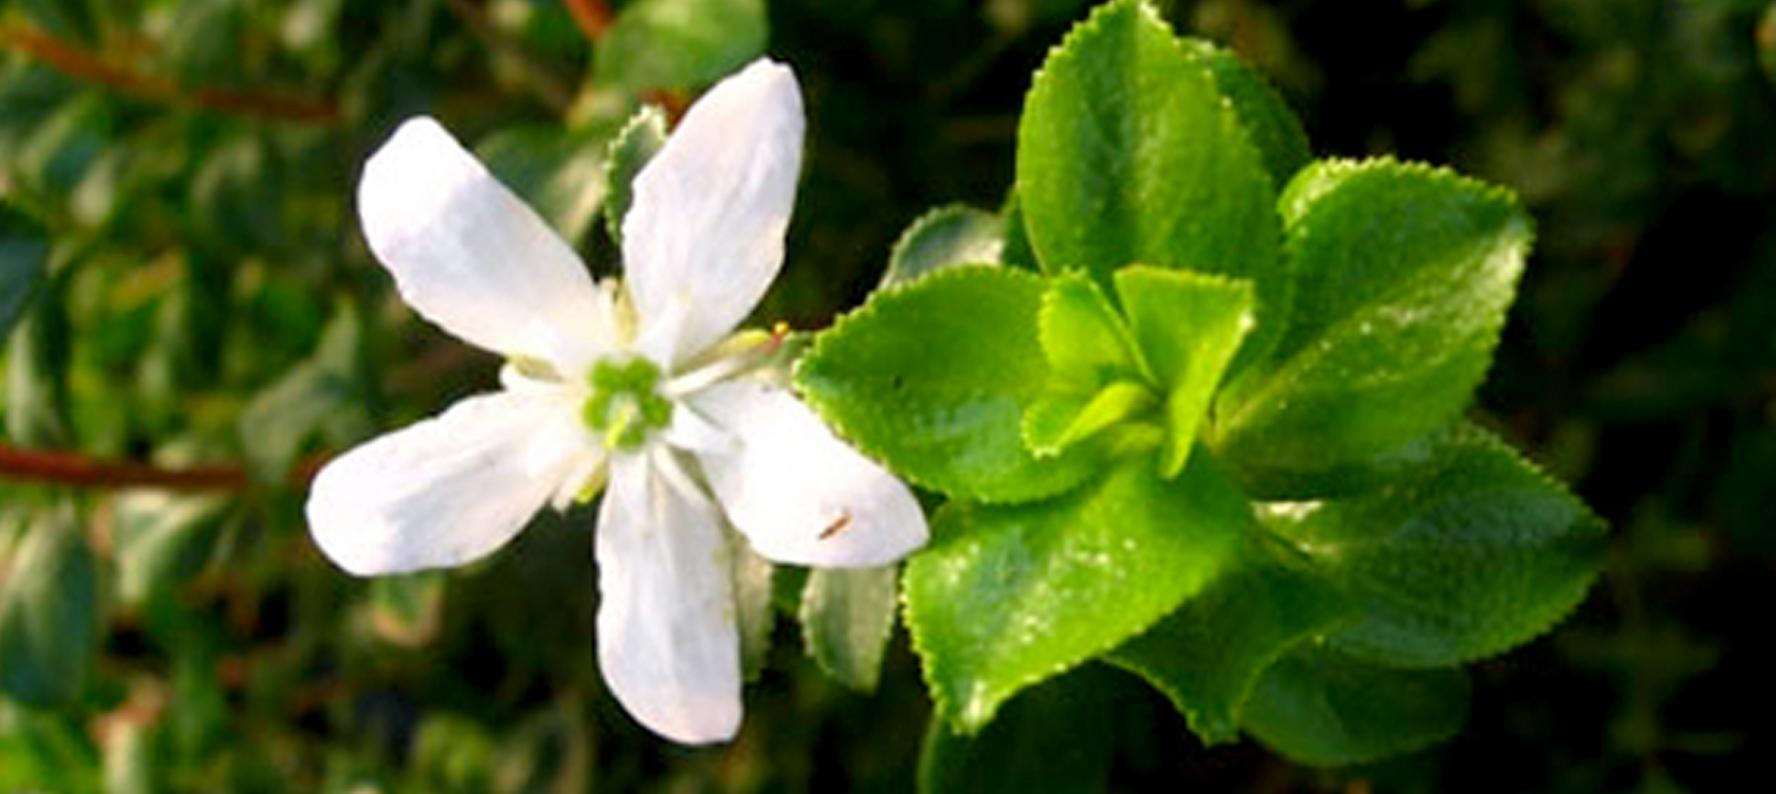 Agathosma Betulina Buchu Essential Oil uses in natural skin care products